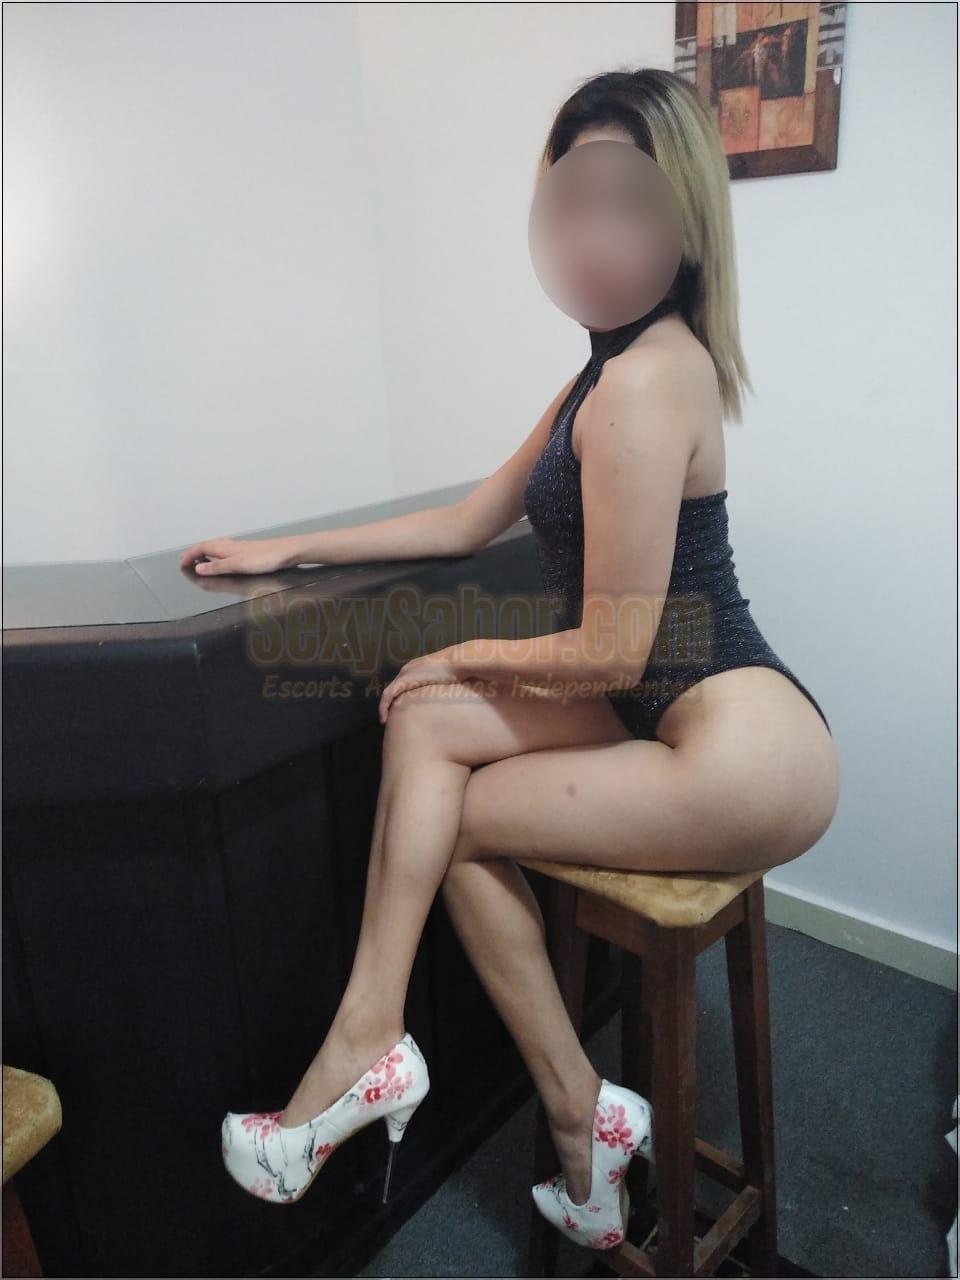 Sandra 15-6854-6992